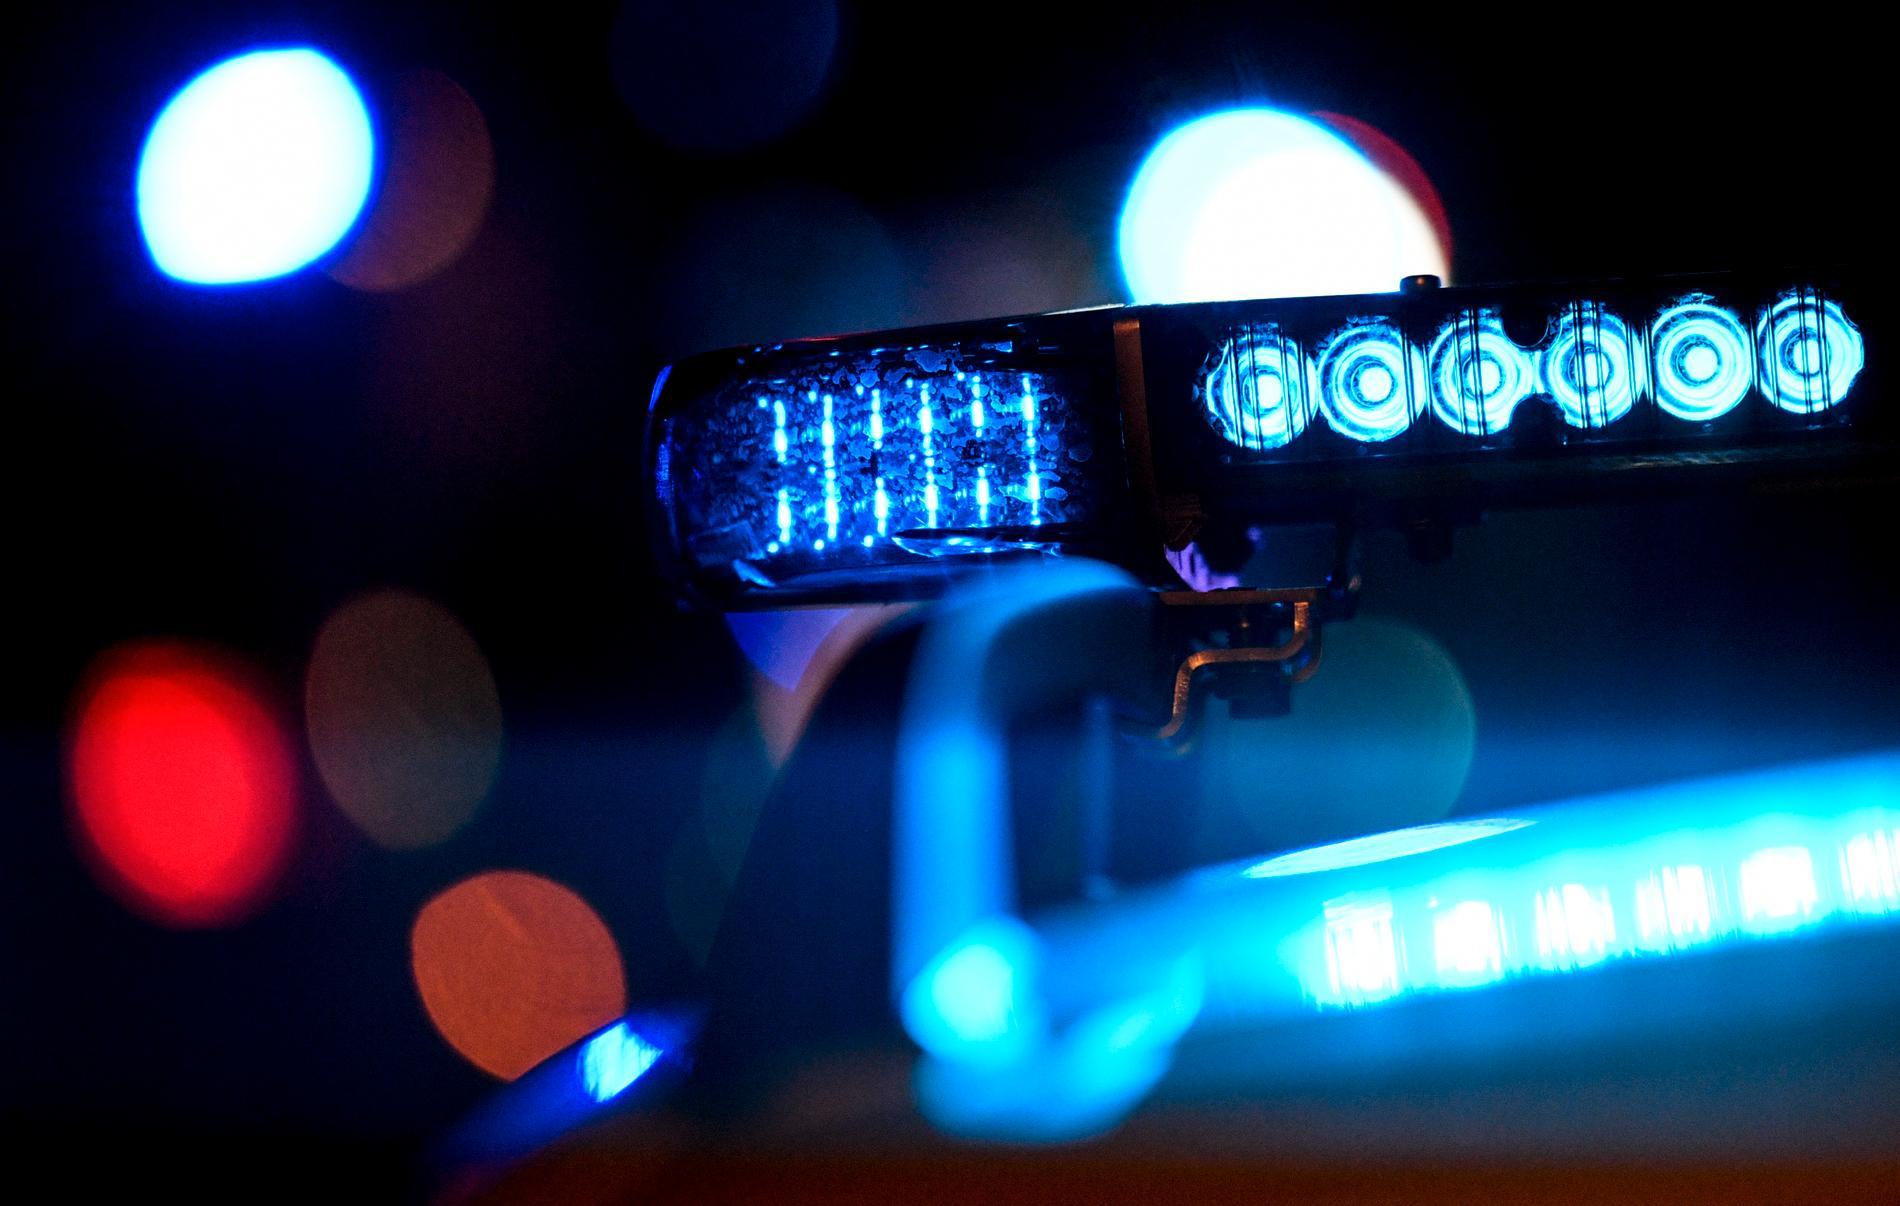 Vårdpersonal kontaktade polisen när de sett kvinnans skador.